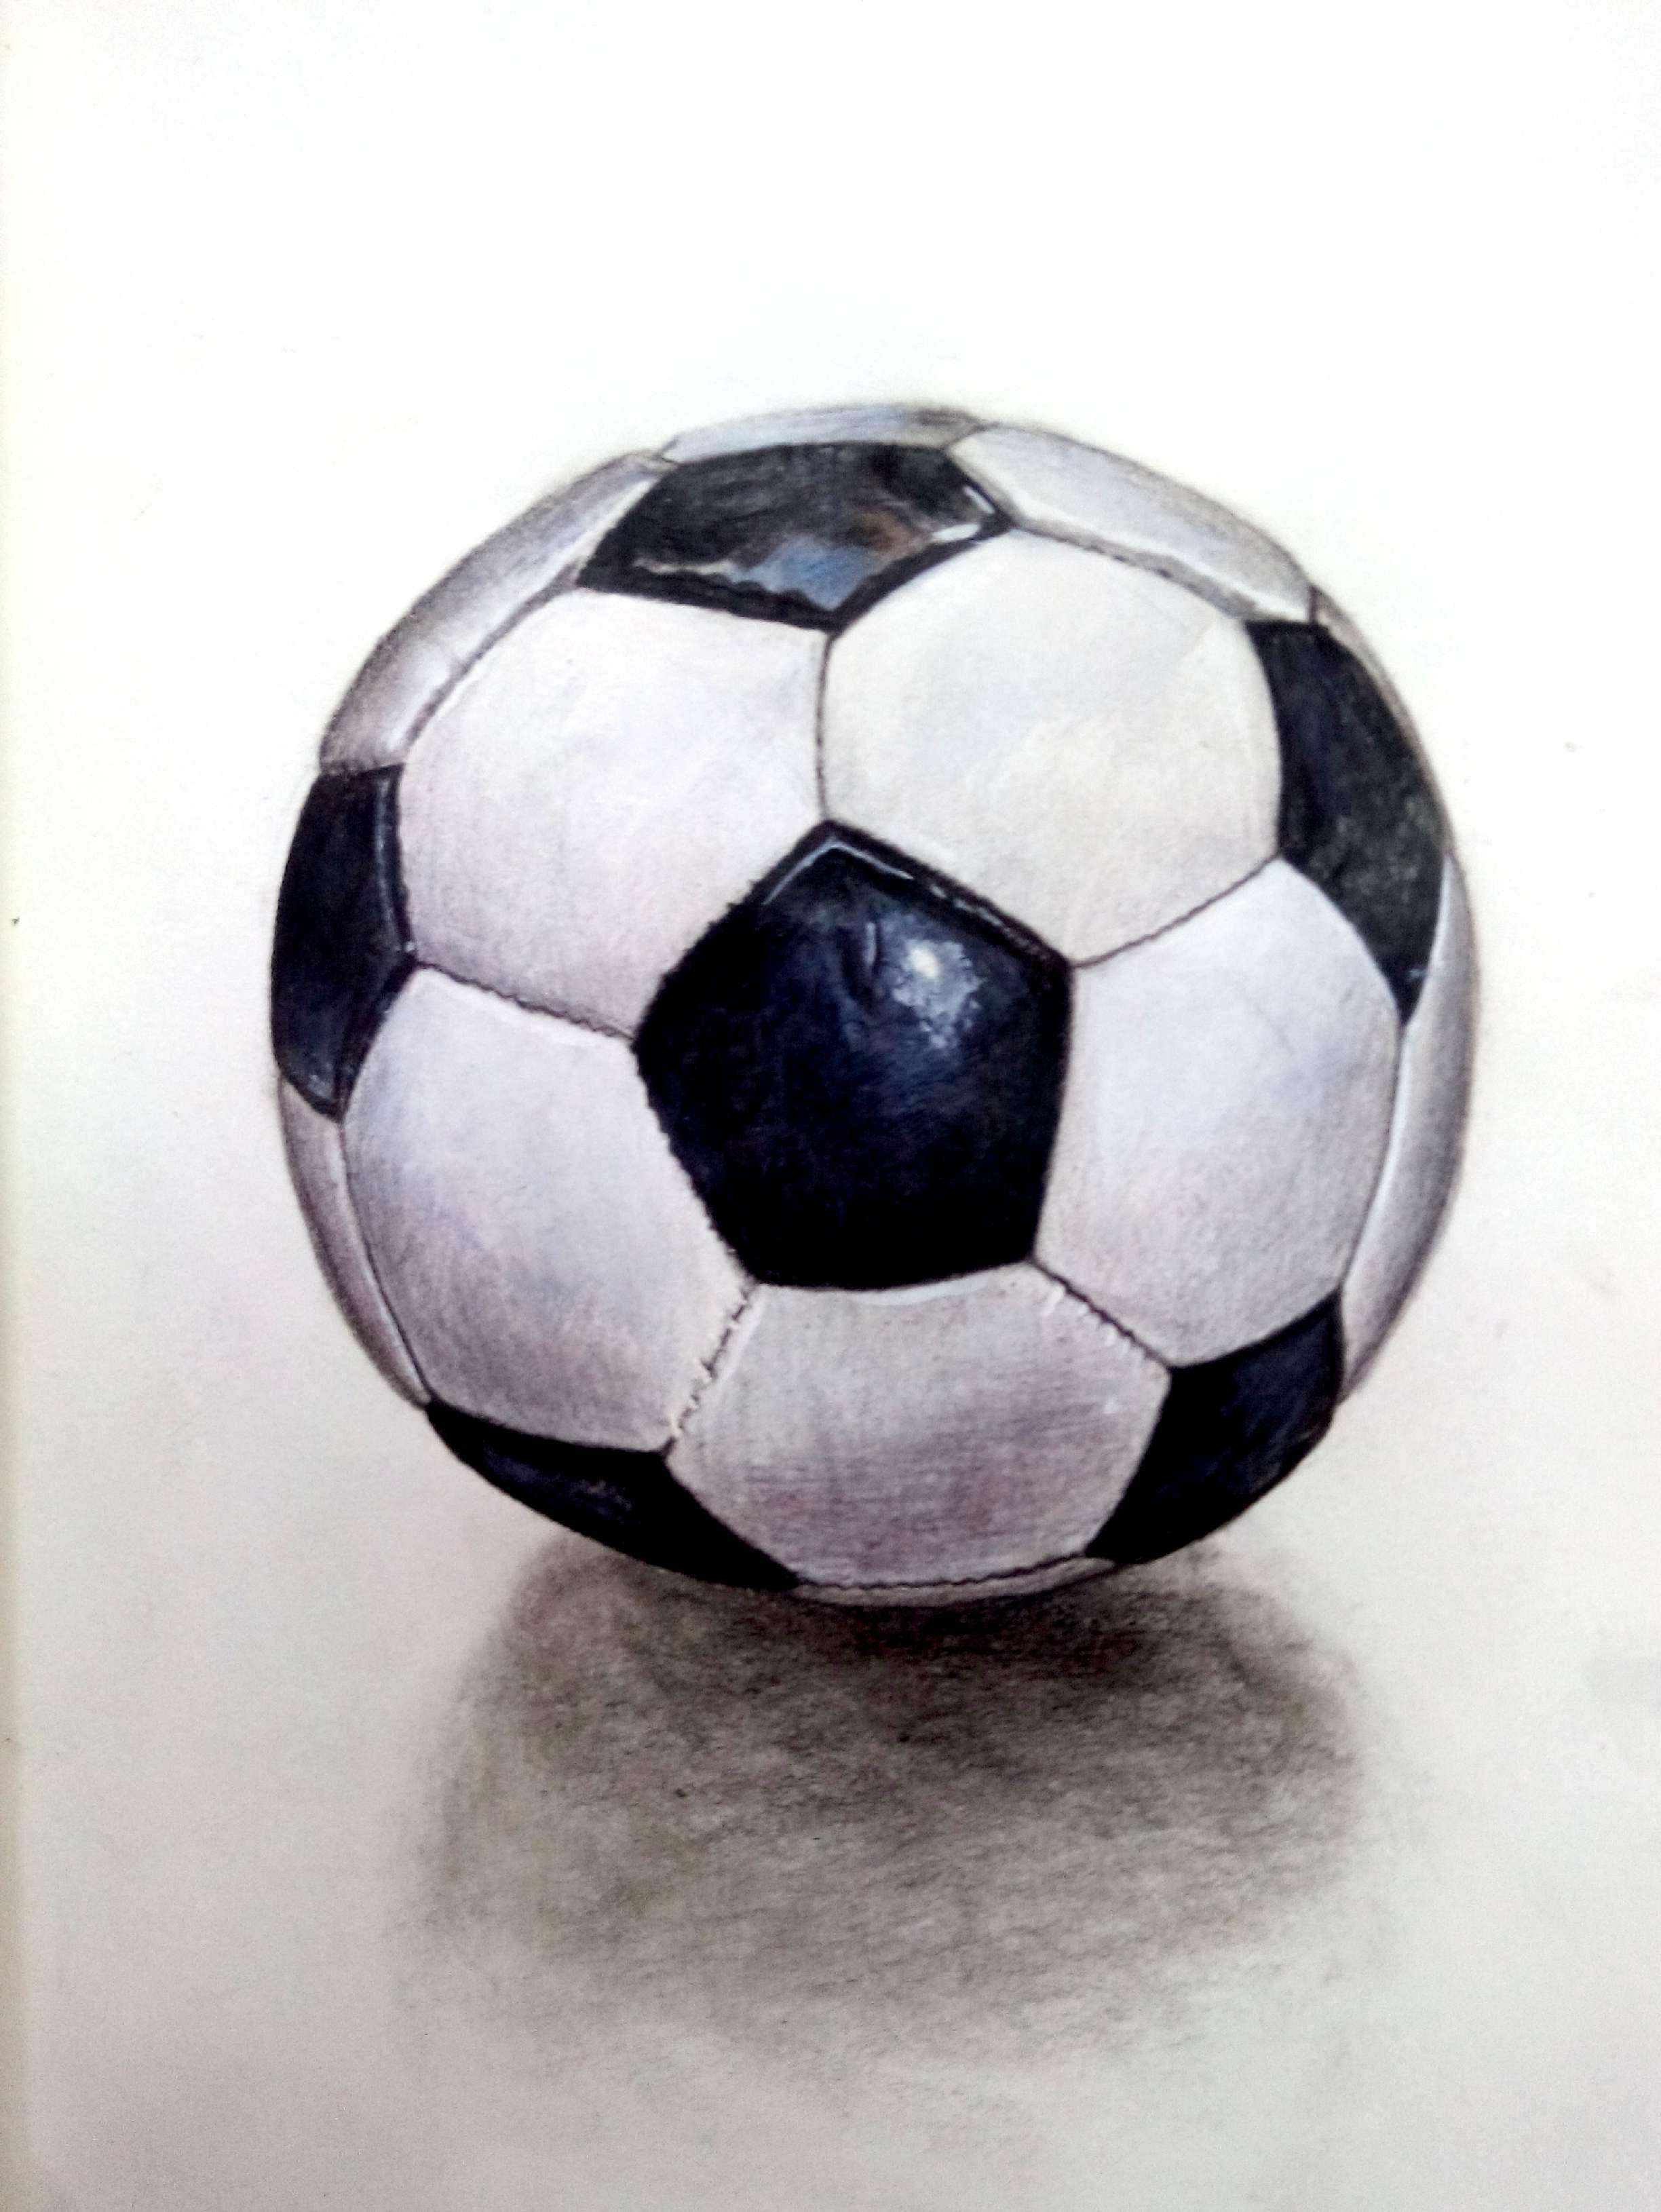 足球|纯艺术|彩铅|art1303 - 原创作品 - 站酷 (zcool)图片